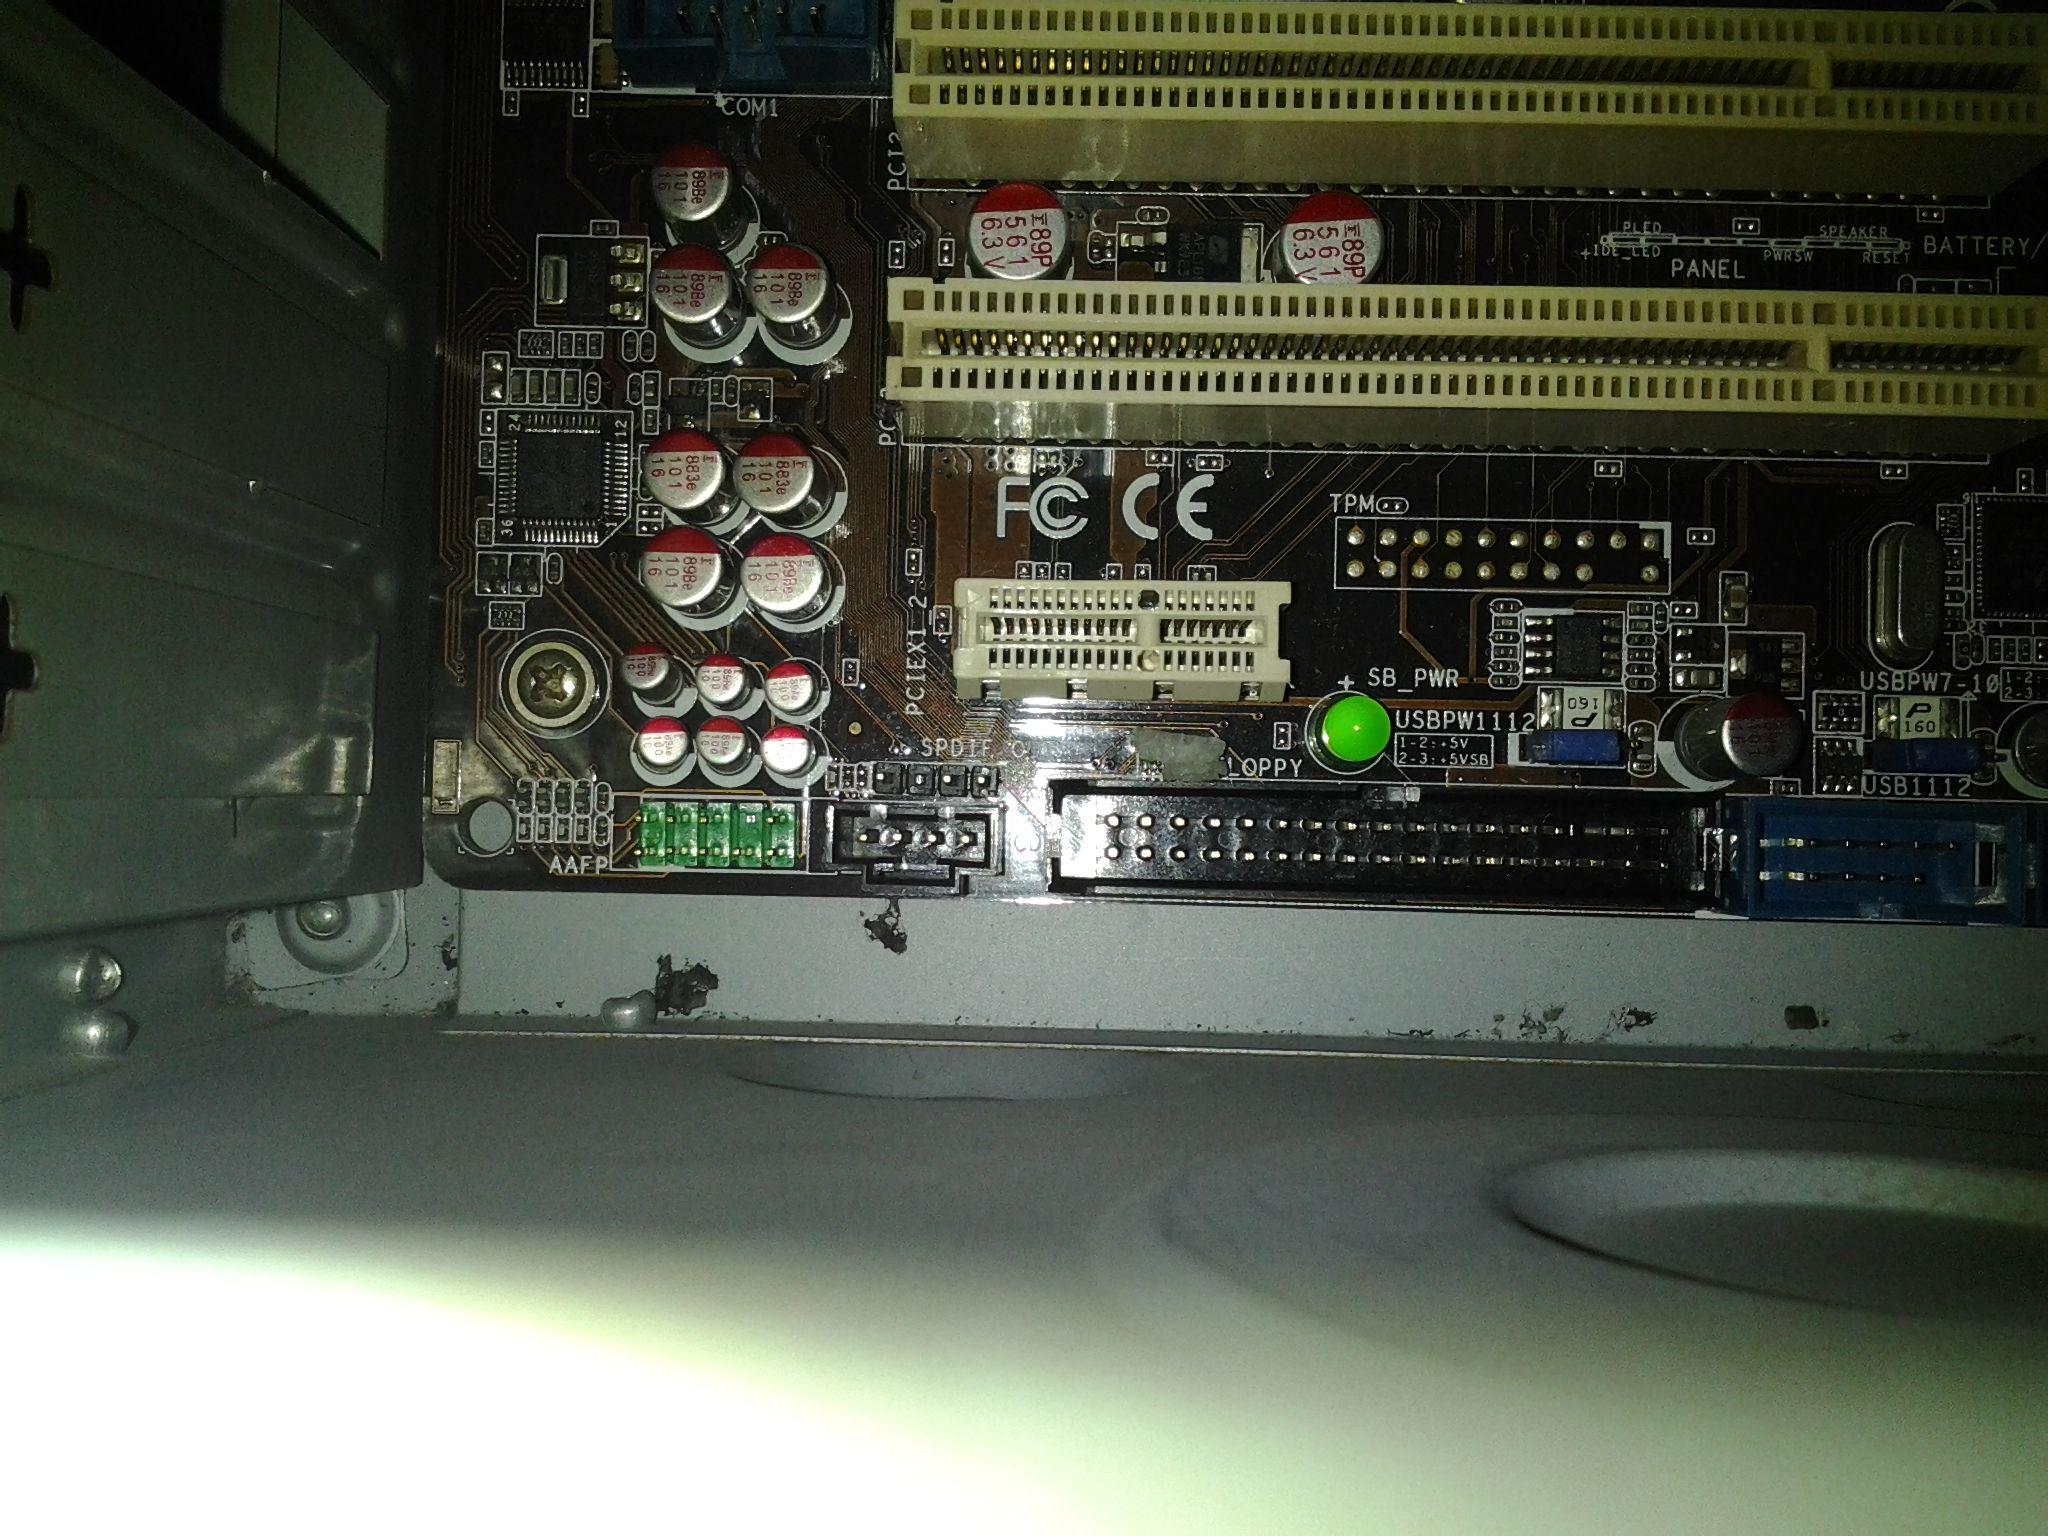 华硕p5ql pro接电源开关和其他接线